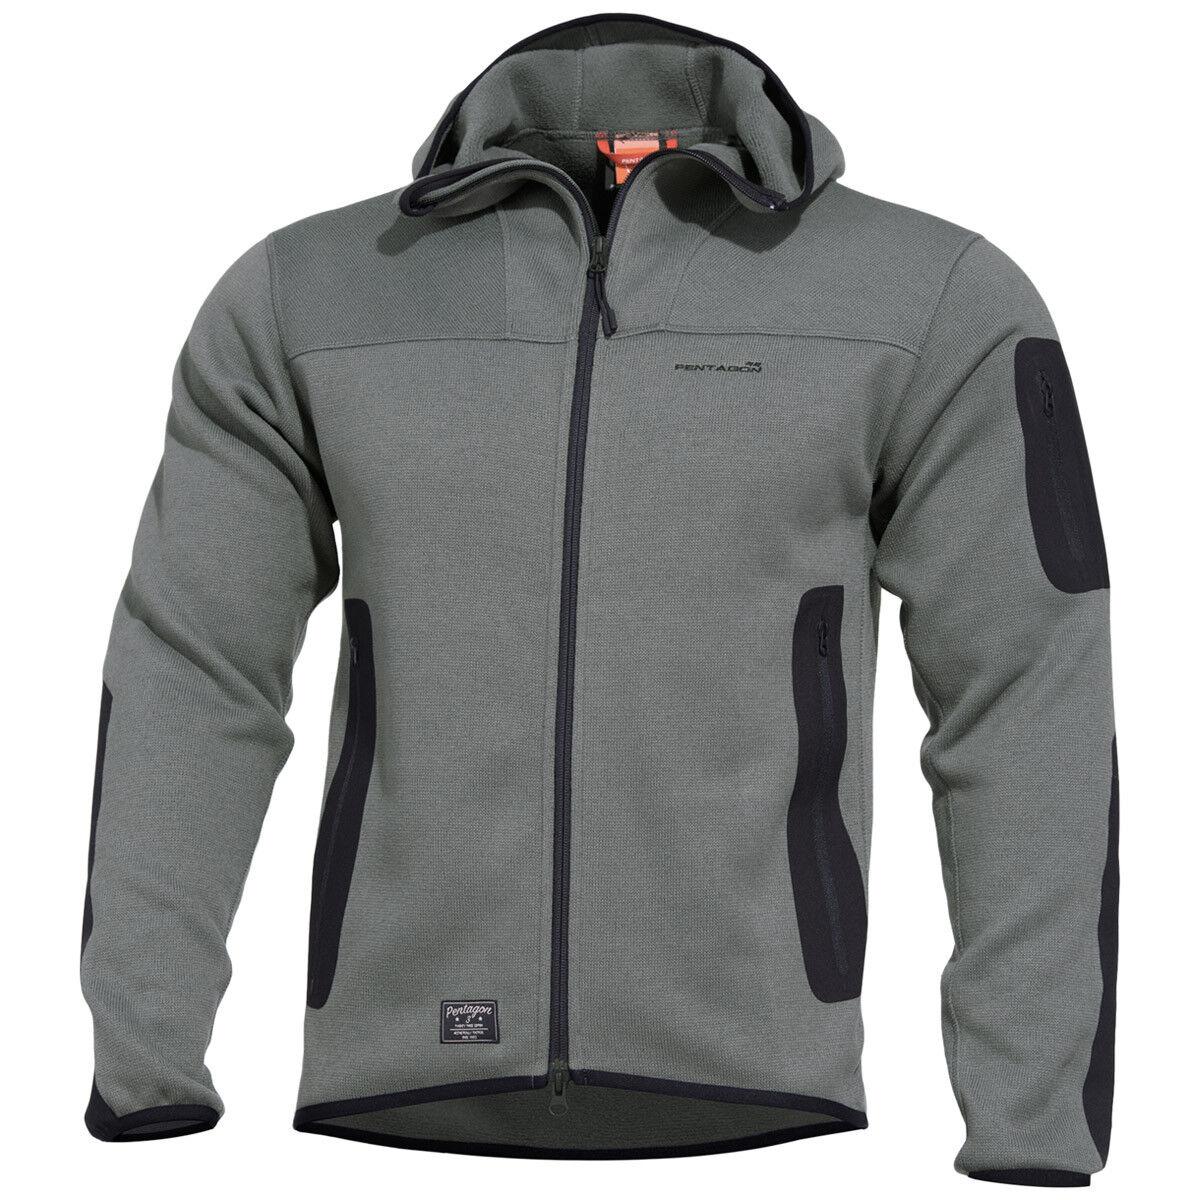 Pentagon Falcon Taktisch Sweatshirt 2.0 Mit Kapuze Herren Vlies Jacke Wolf Grau